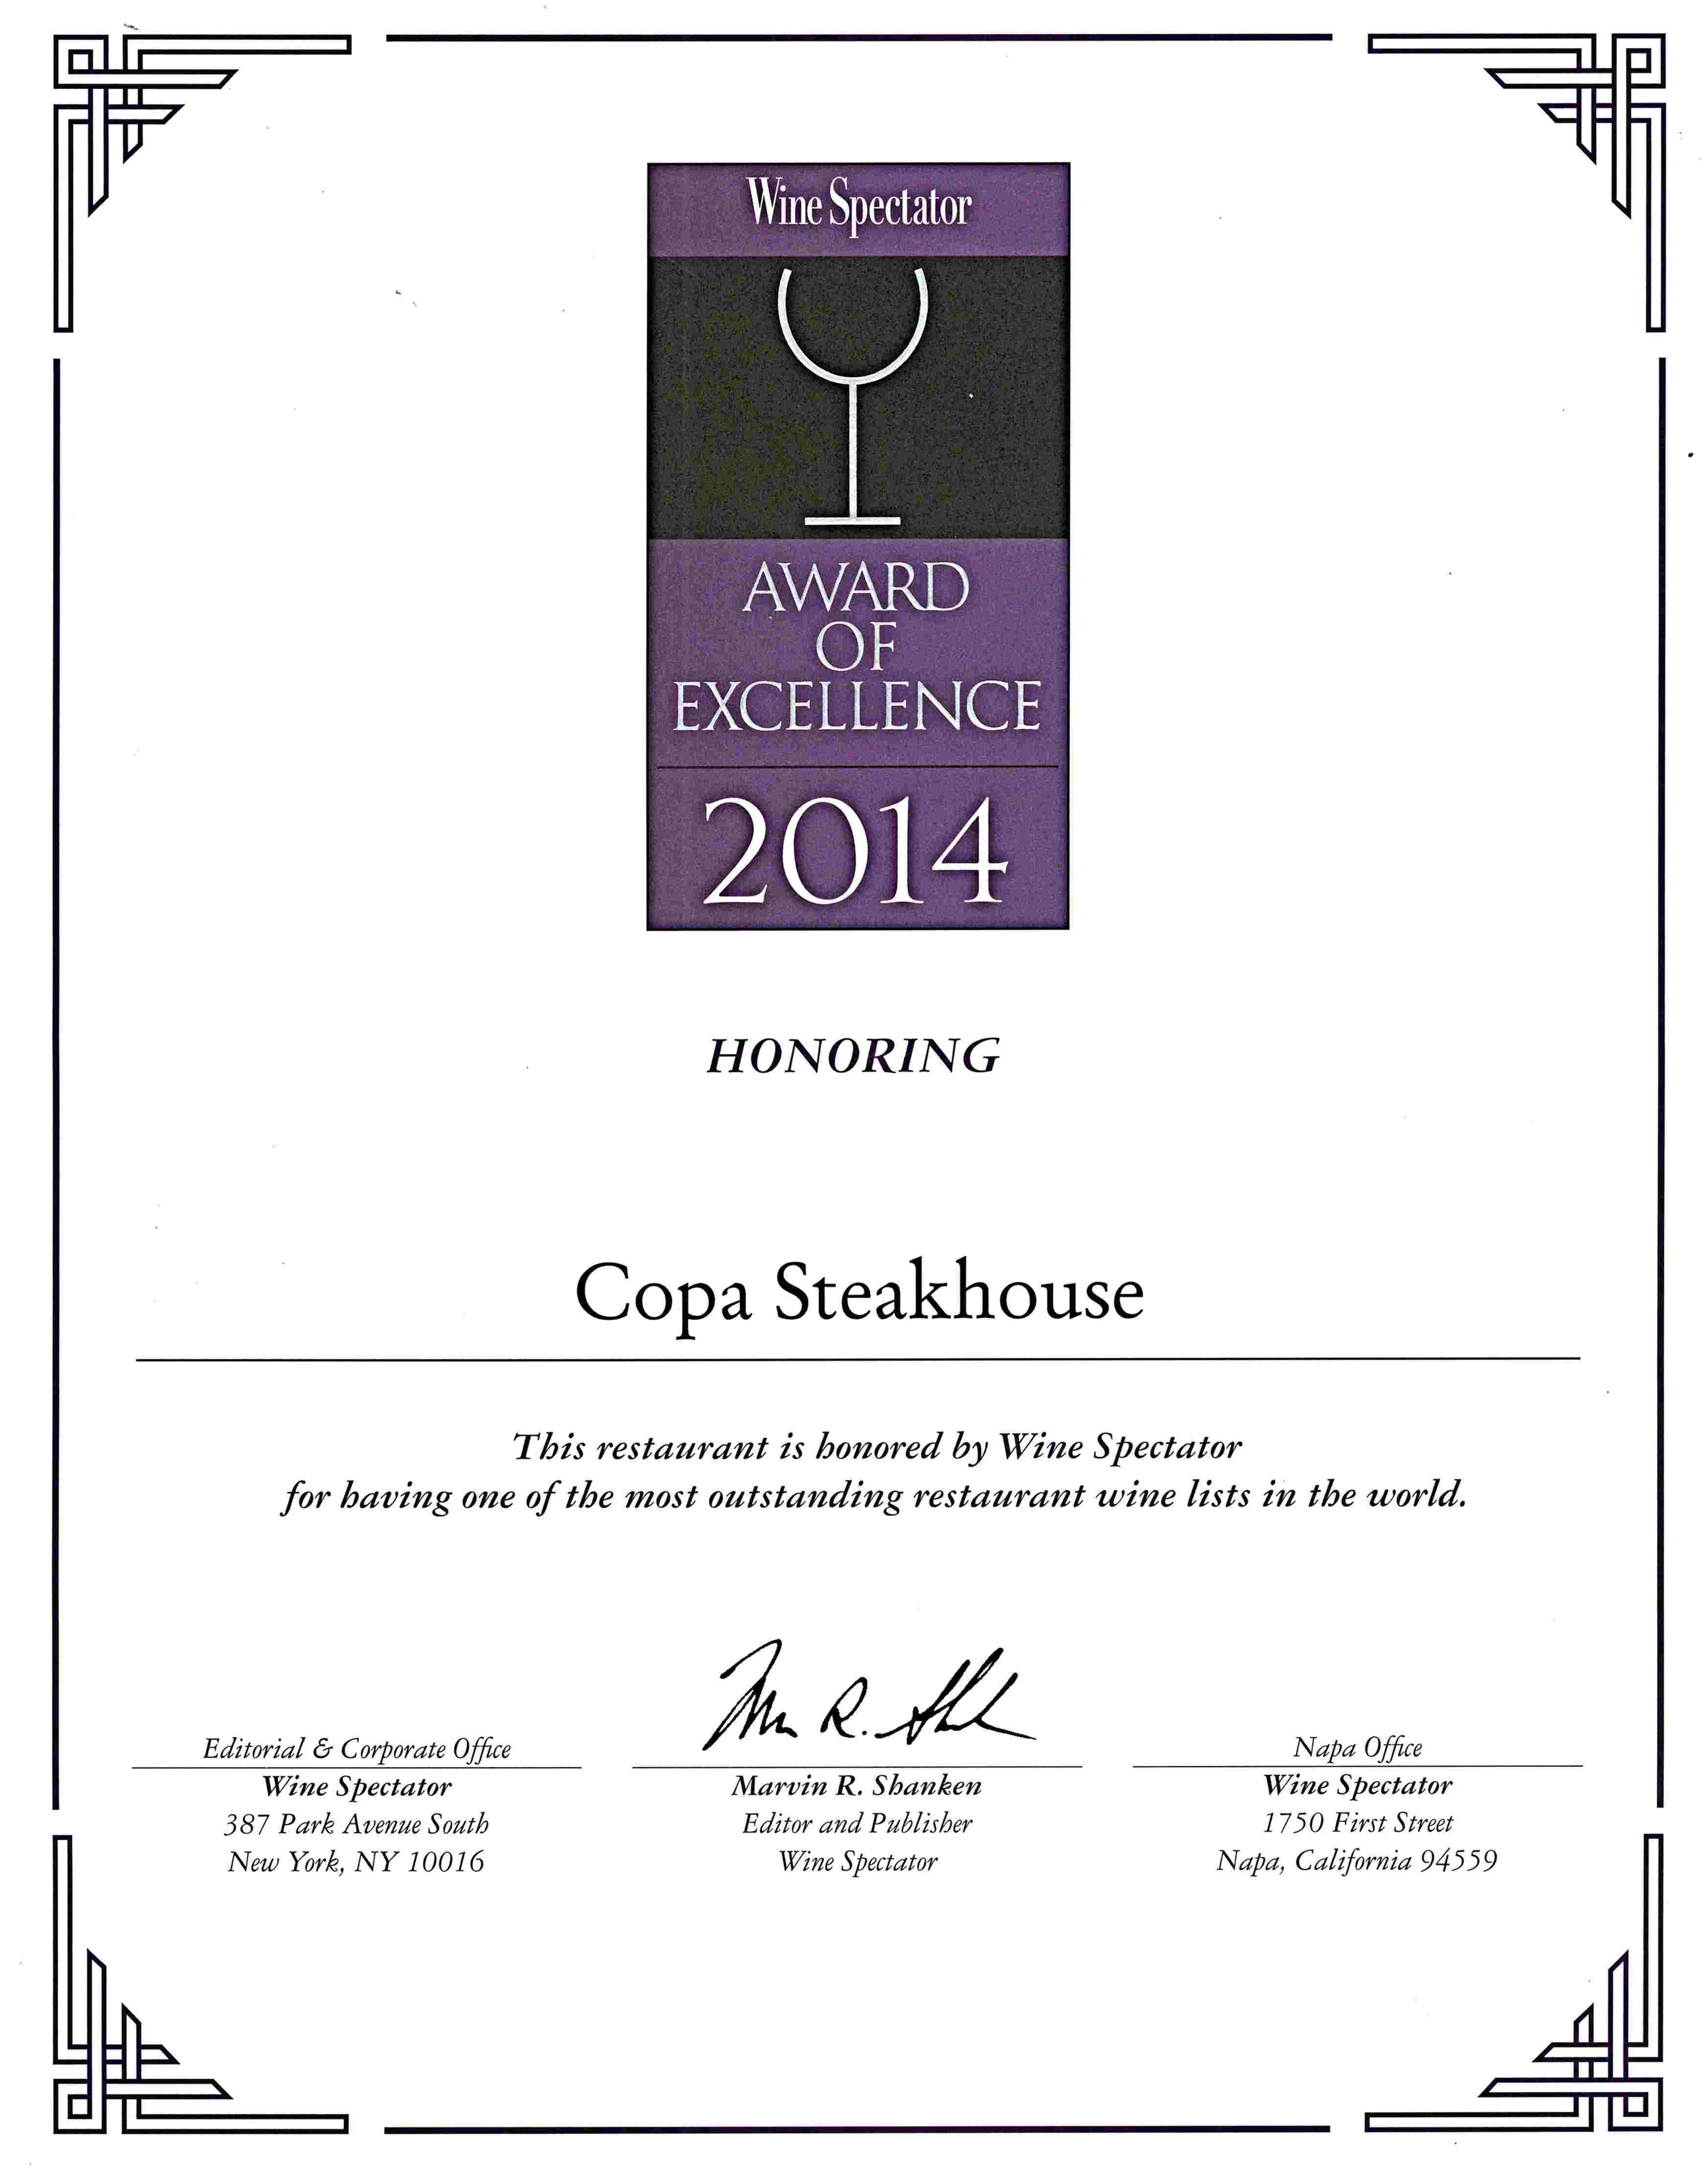 高雅扒房- 2014 Wine Spectator「卓越大獎」